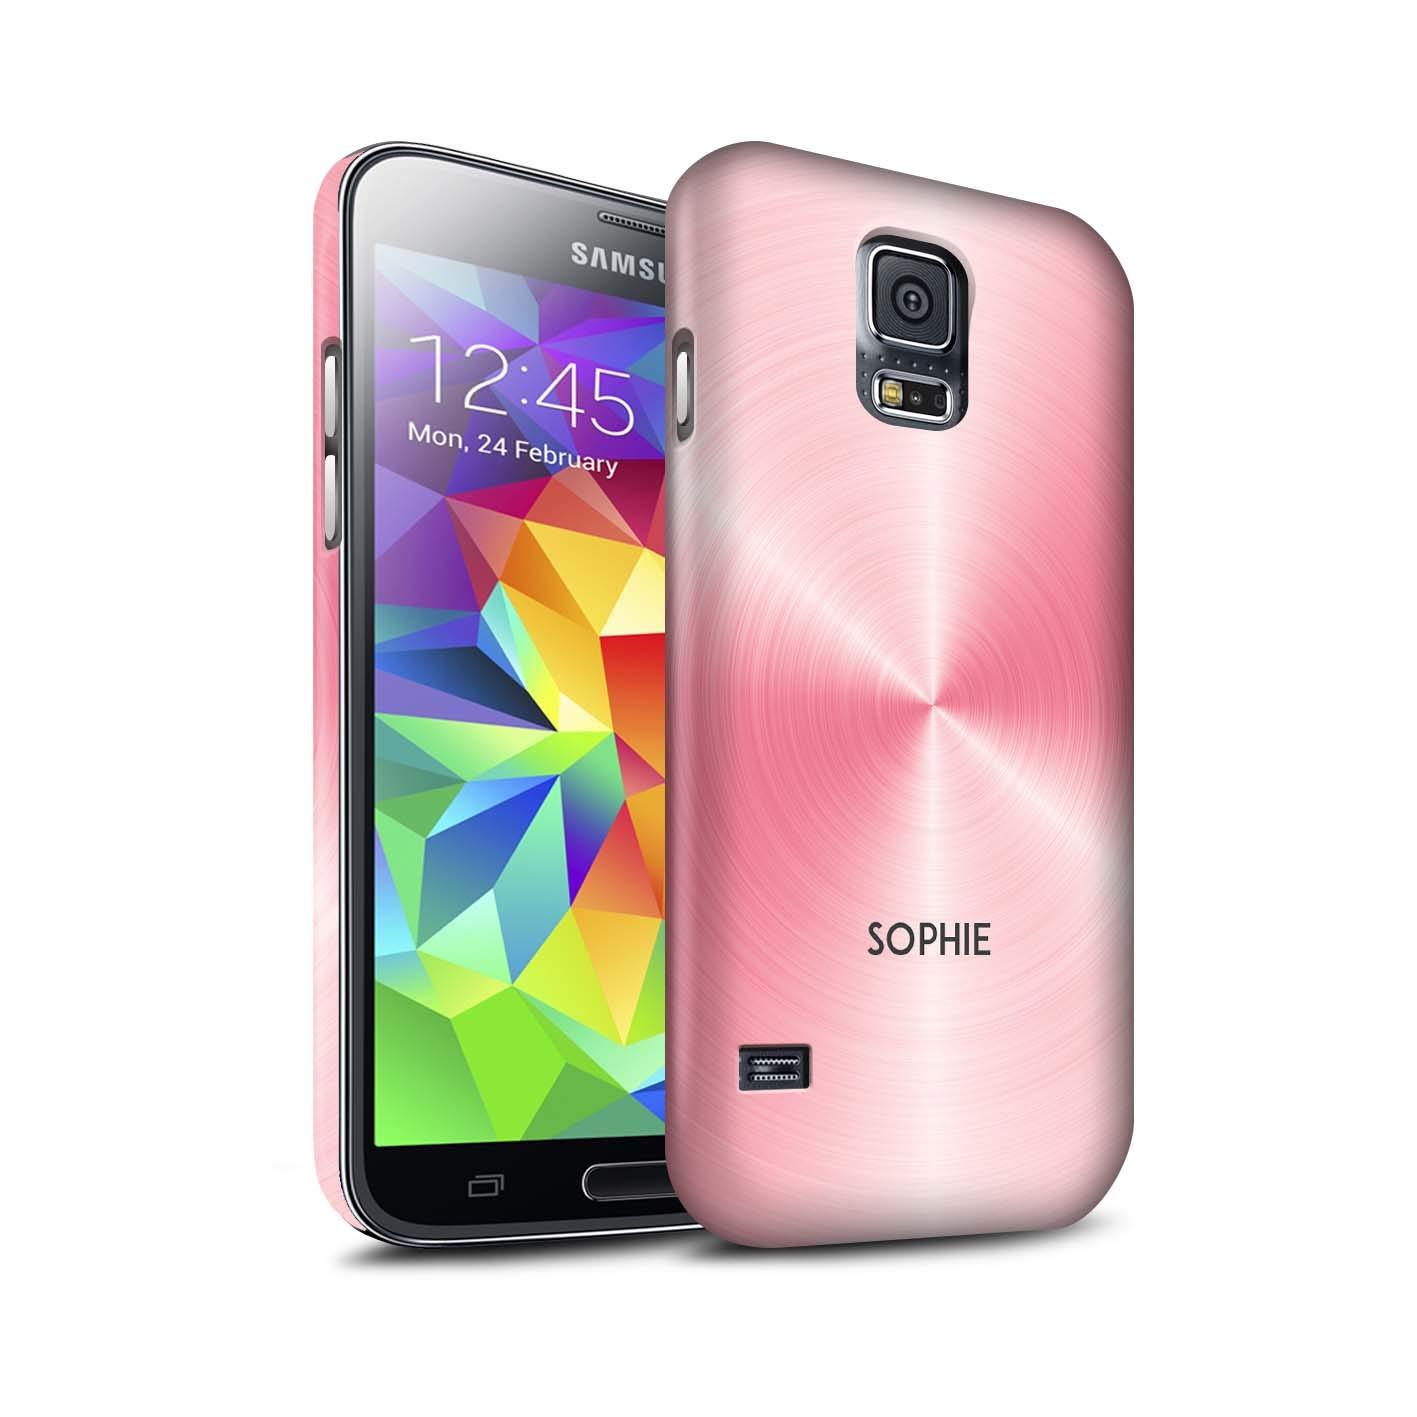 Personalizado Efecto Metal Cepillado Impreso Funda Mate para el Samsung Galaxy S5/SV/Rosa Orquidea Diseño/Inicial/Nombre/Texto Carcasa/Estuche/Case Snap: Amazon.es: Electrónica